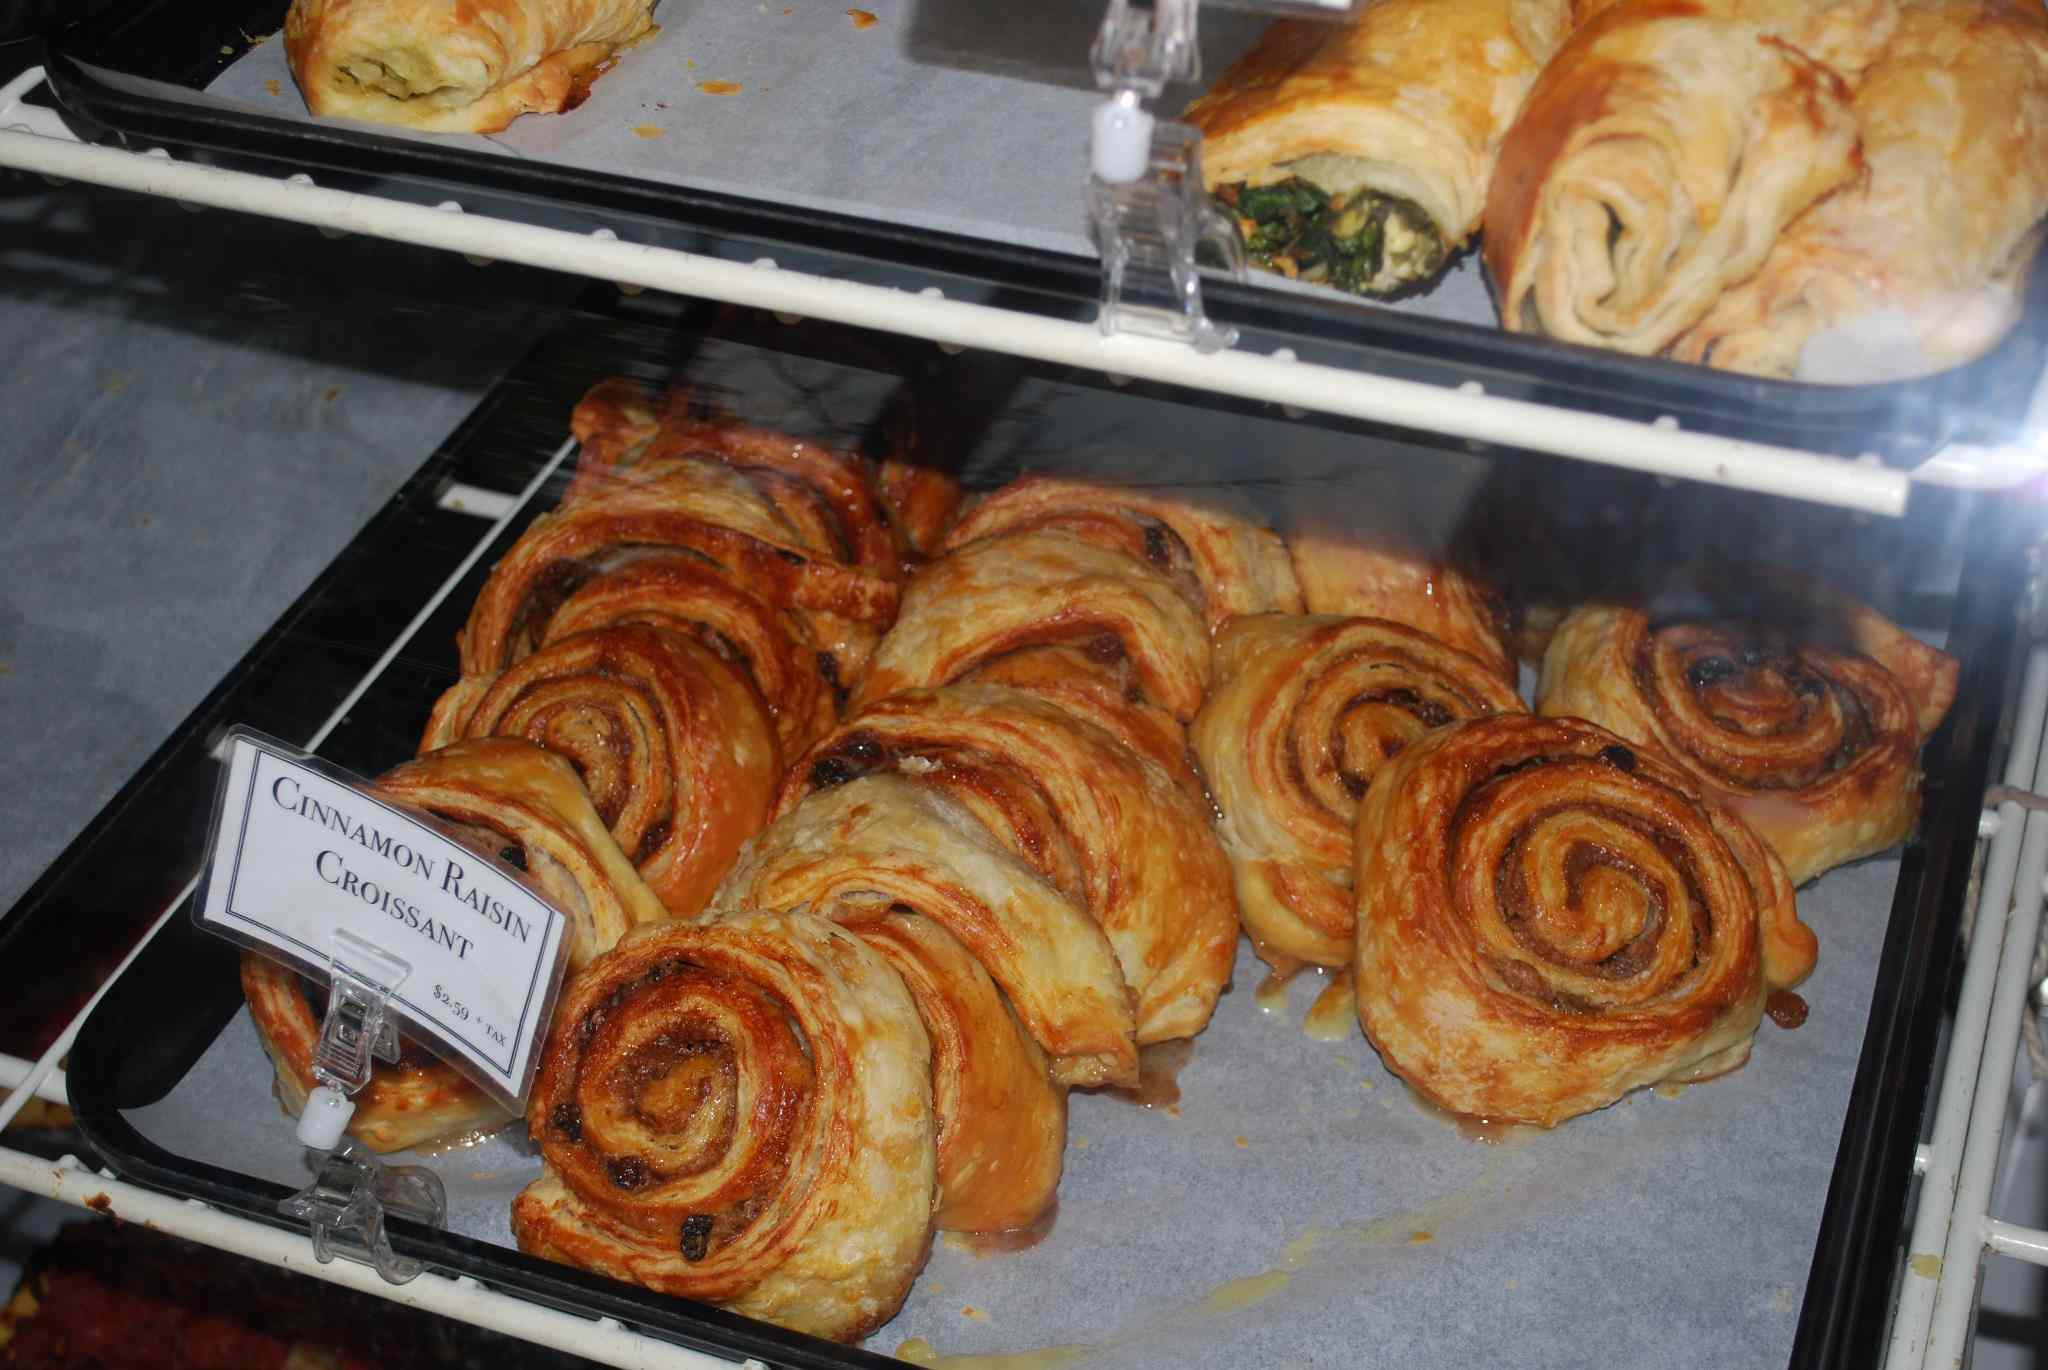 Cinnamon raisin croissants at Medici on 57th's bakery